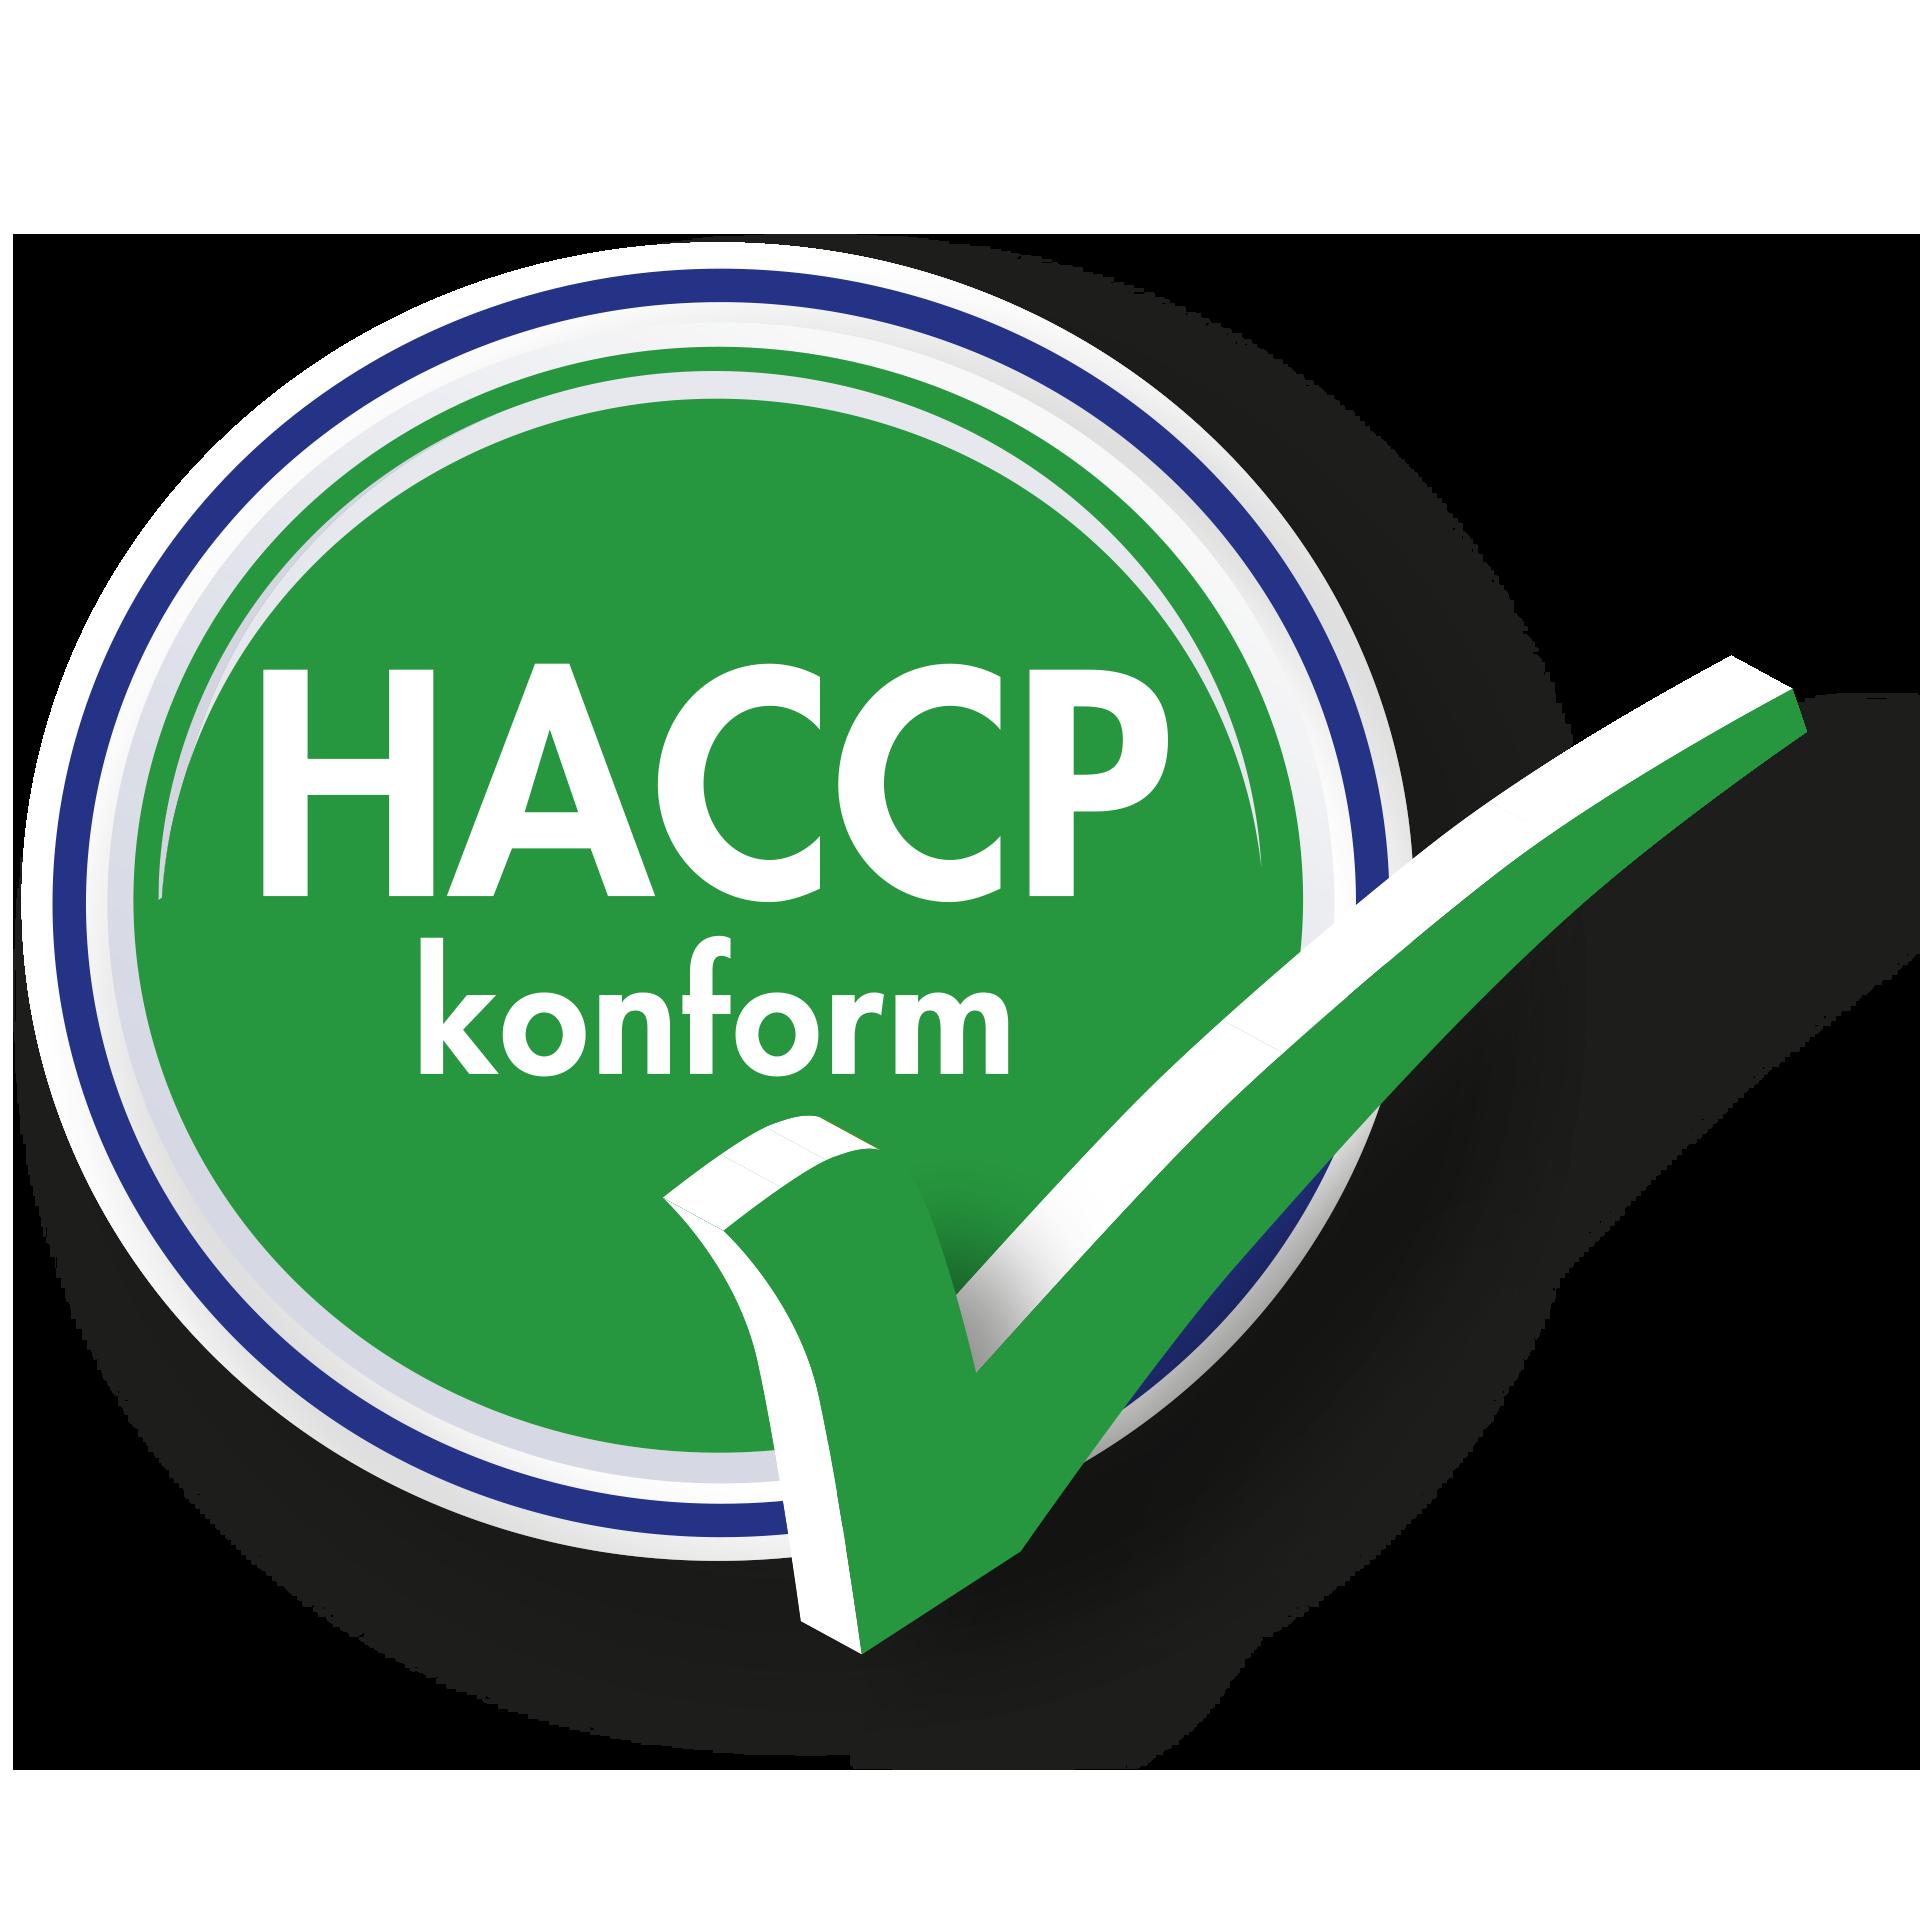 HACCP-conform